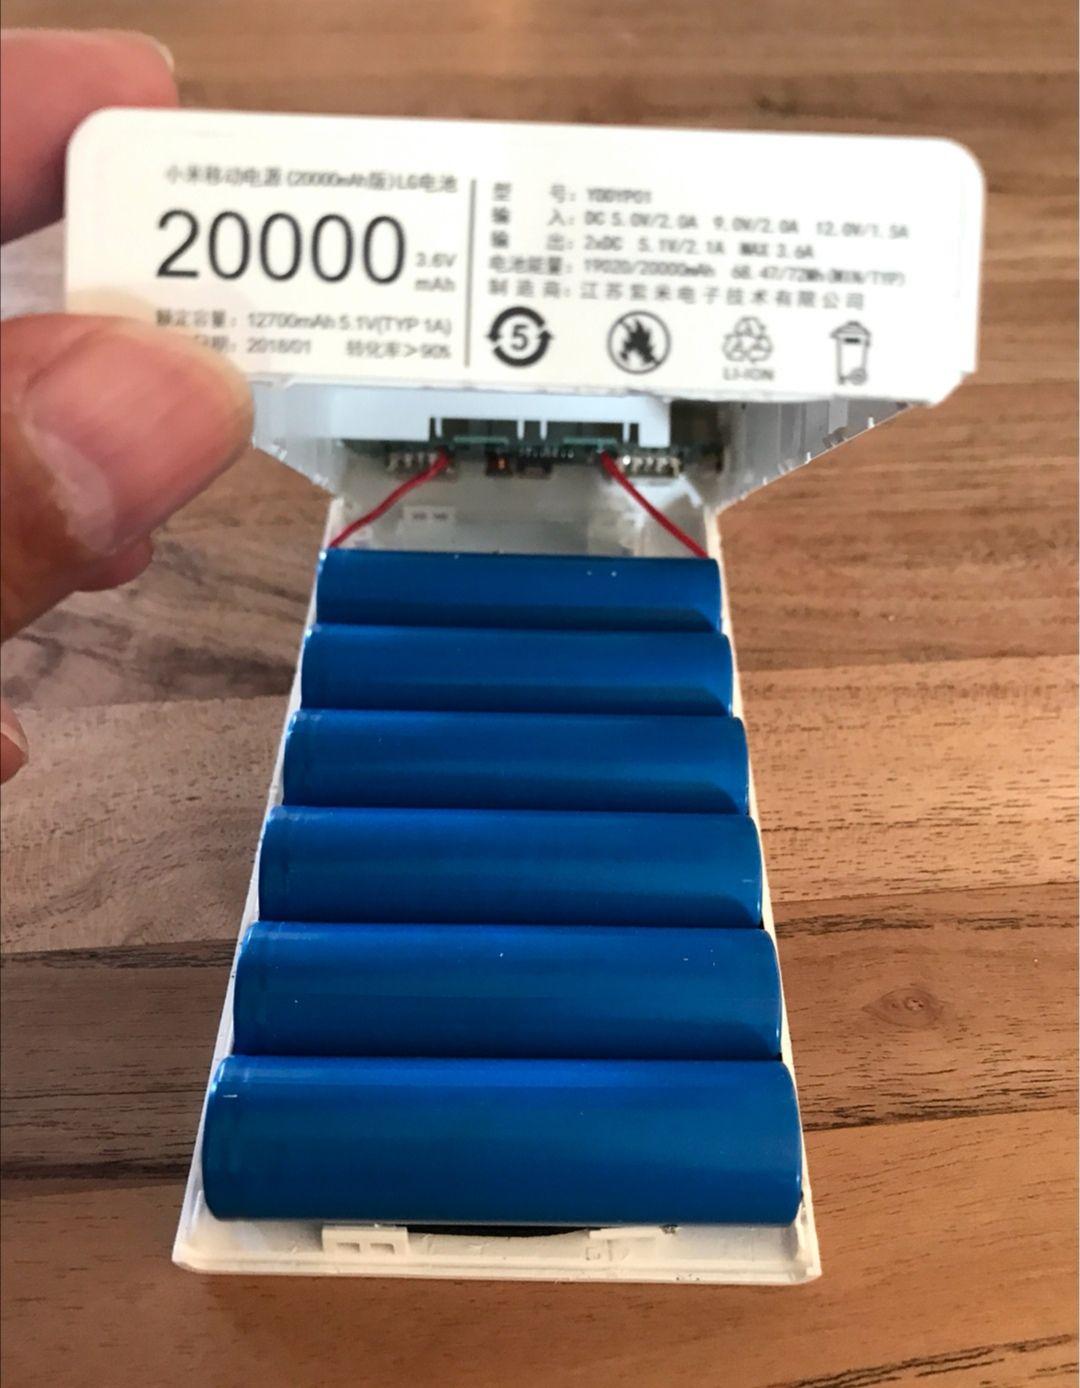 909190-A7jWK.jpg